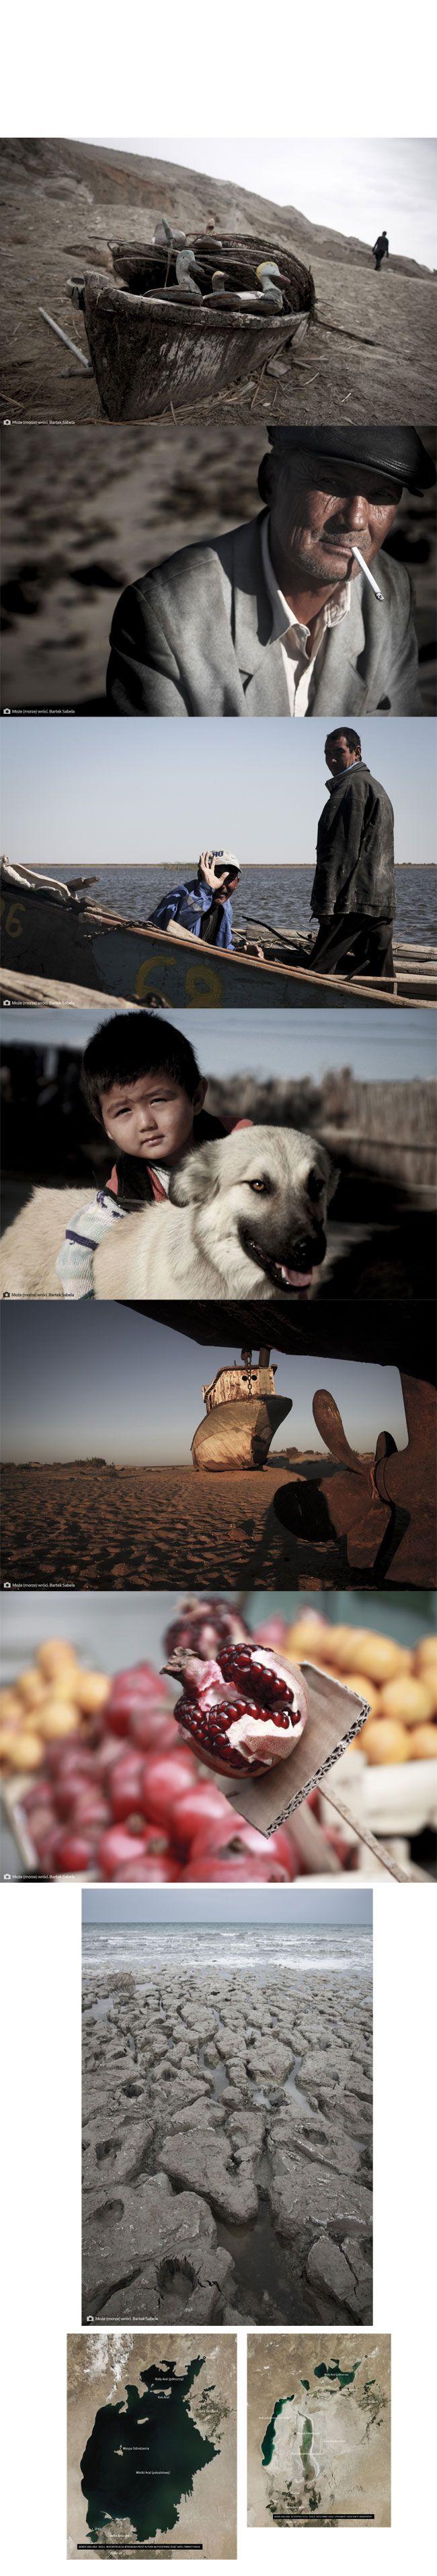 Bartek Sabela: Historia ludzkiej arogancji, czyli jak zniknęło #morze #Aralskie http://www.eksmagazyn.pl/wazny-temat/ekscytujacy-bohater/bartek-sabela-historia-ludzkiej-arogancji/ || #ludzie #podroze #trips #historia #natura #sea